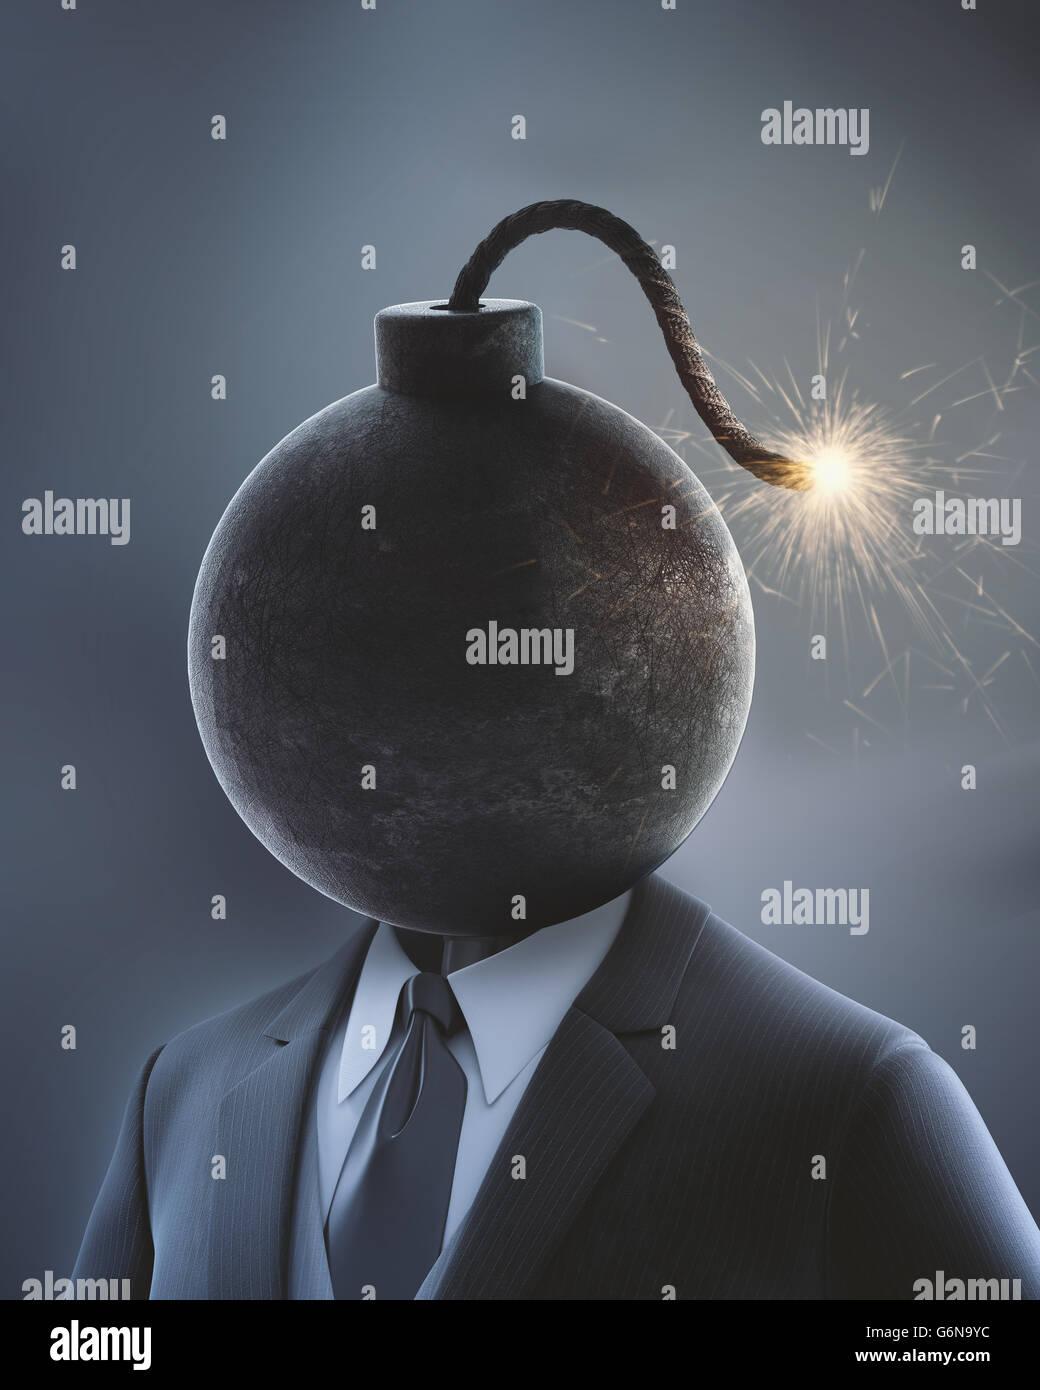 Empresario con una bomba en lugar de su cabeza con una mecha - Ilustración 3D Imagen De Stock